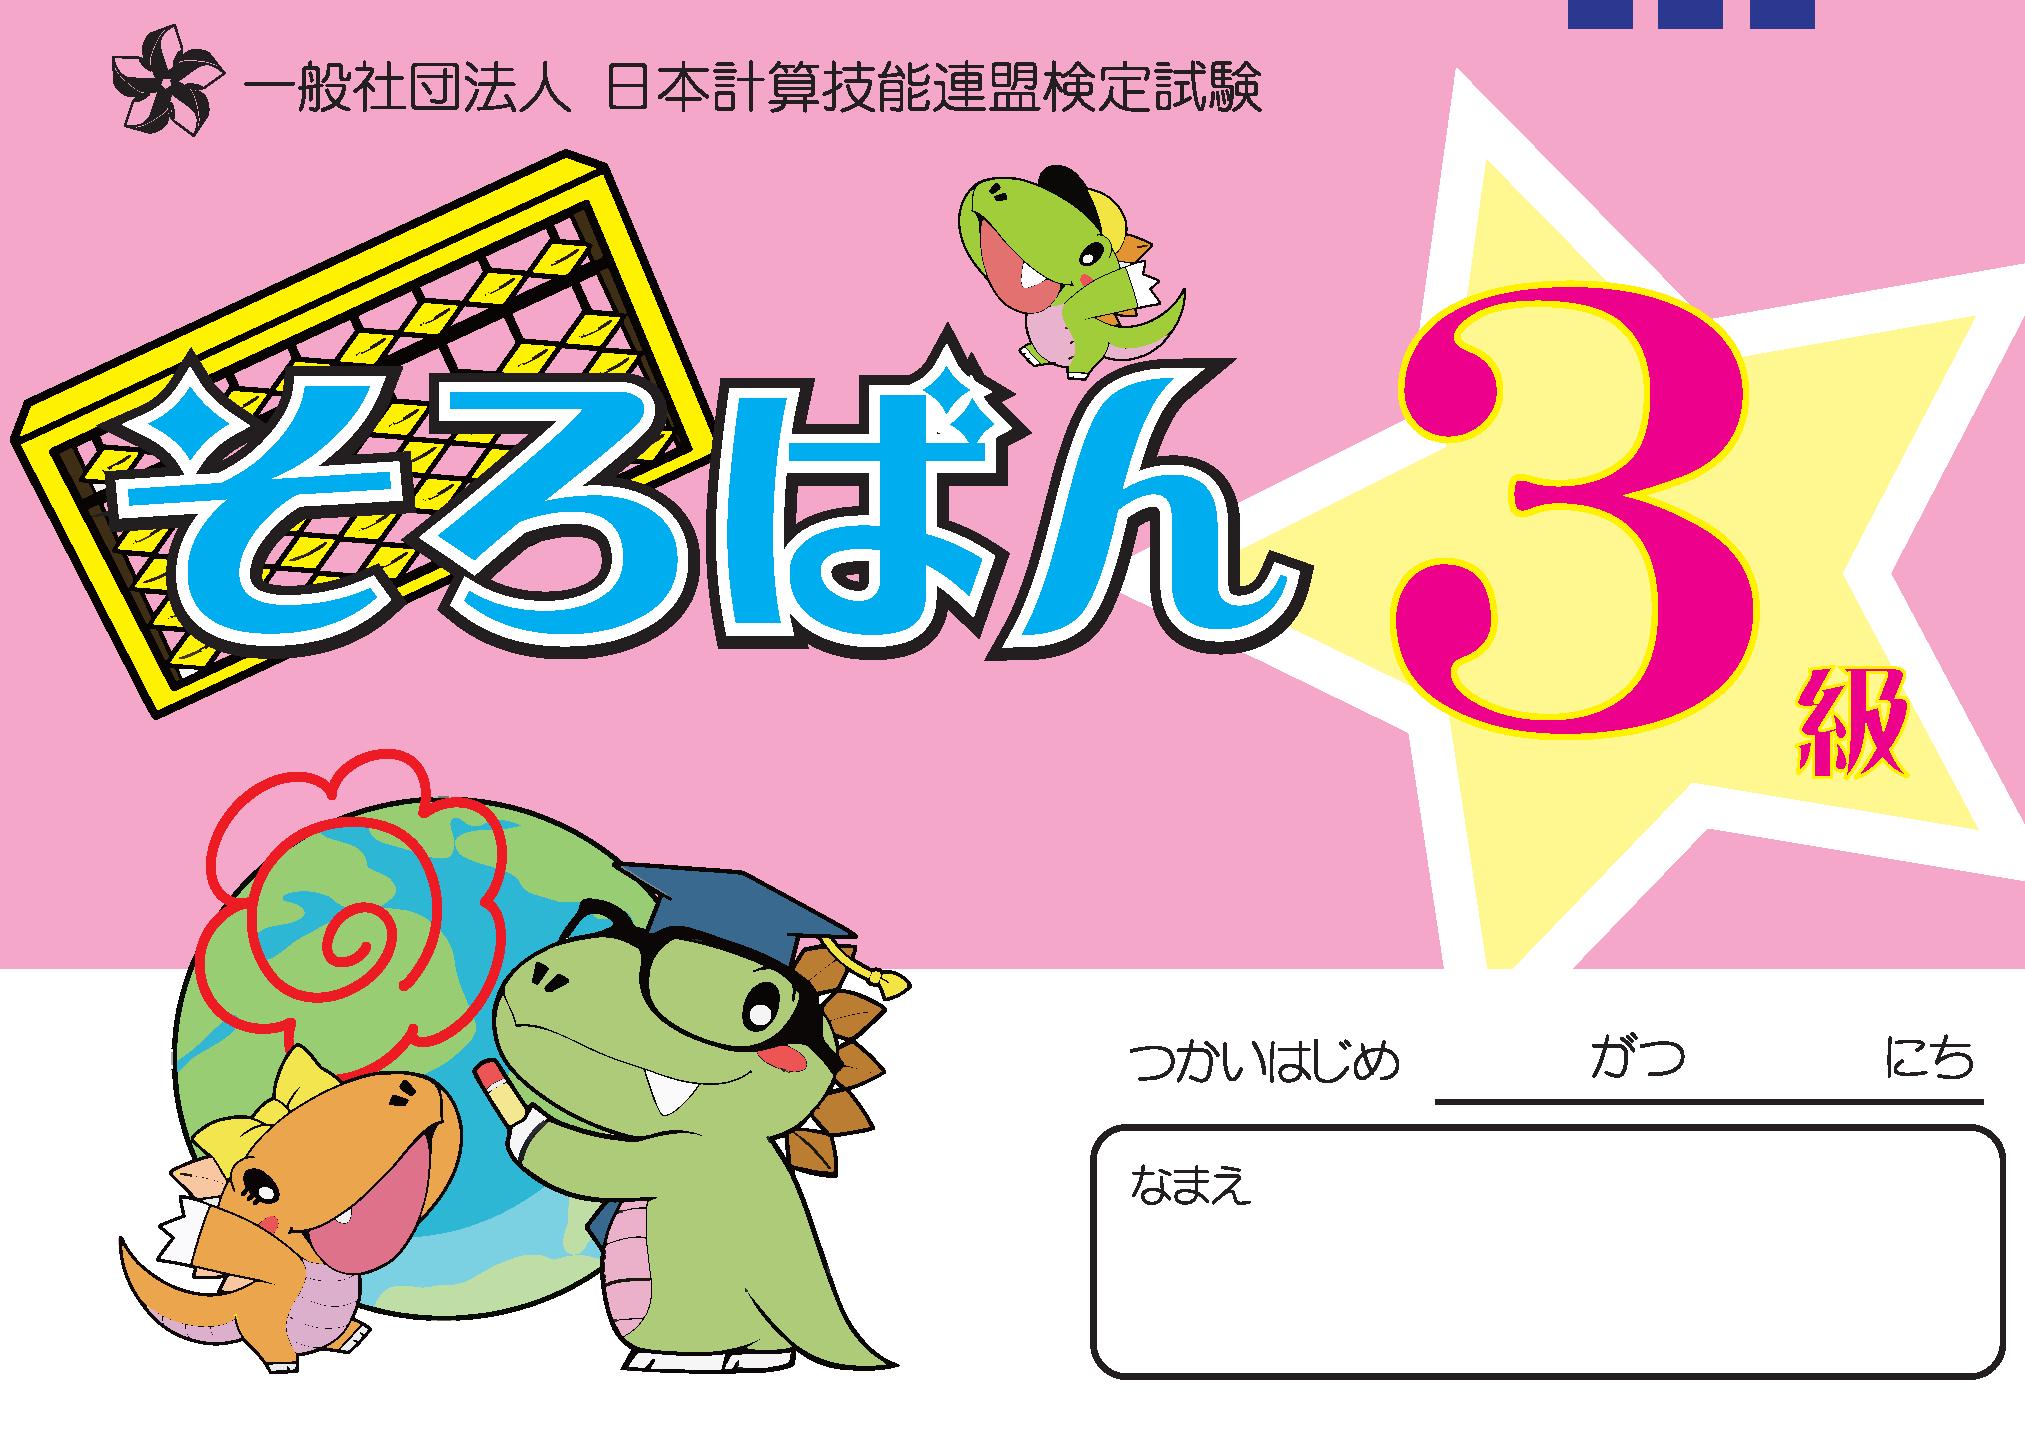 日本計算技能連盟 珠算問題 珠算3級